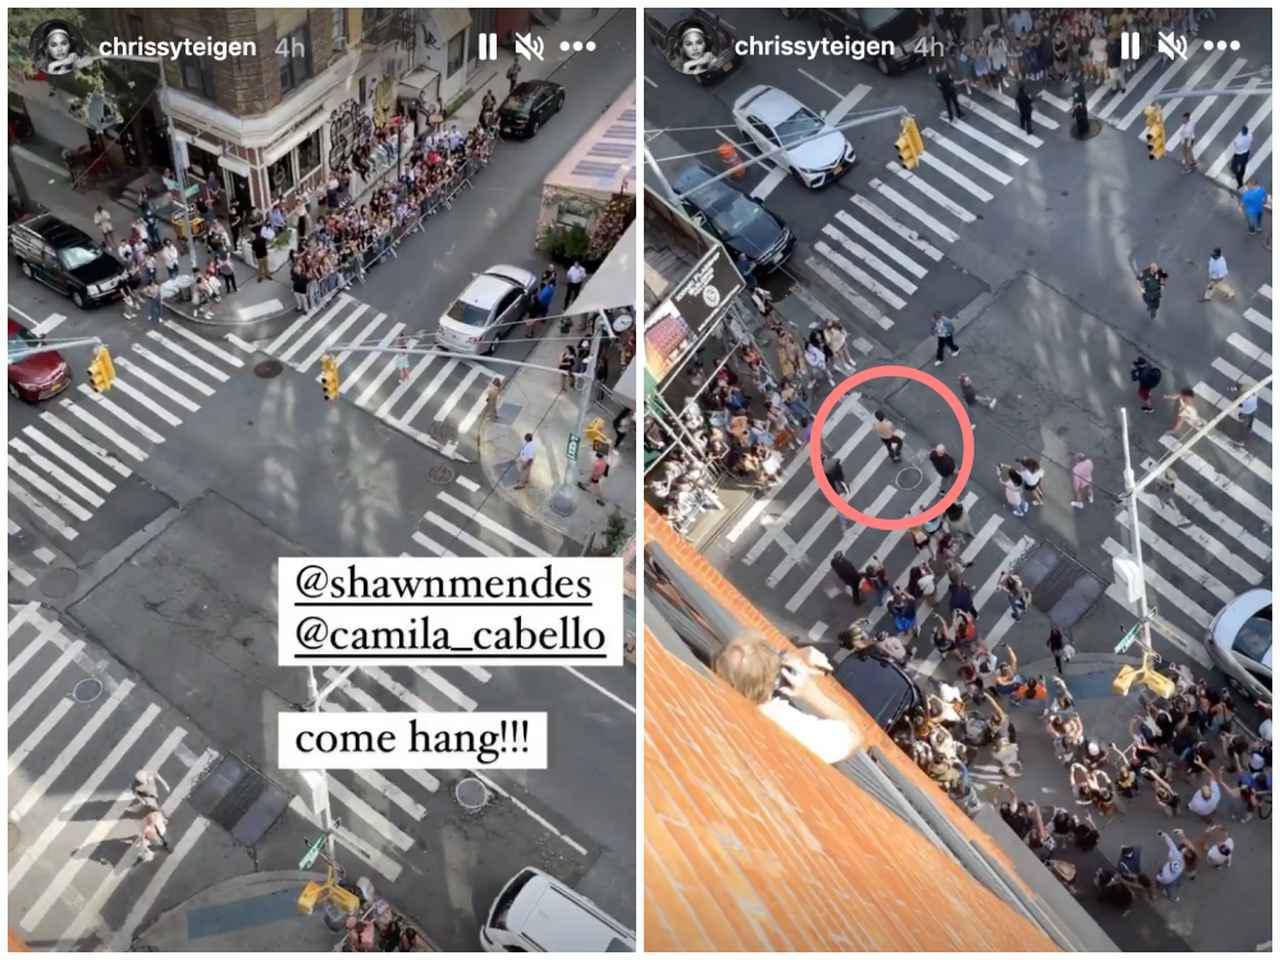 画像4: ショーン・メンデスをひと目見ようと大勢のファンが殺到